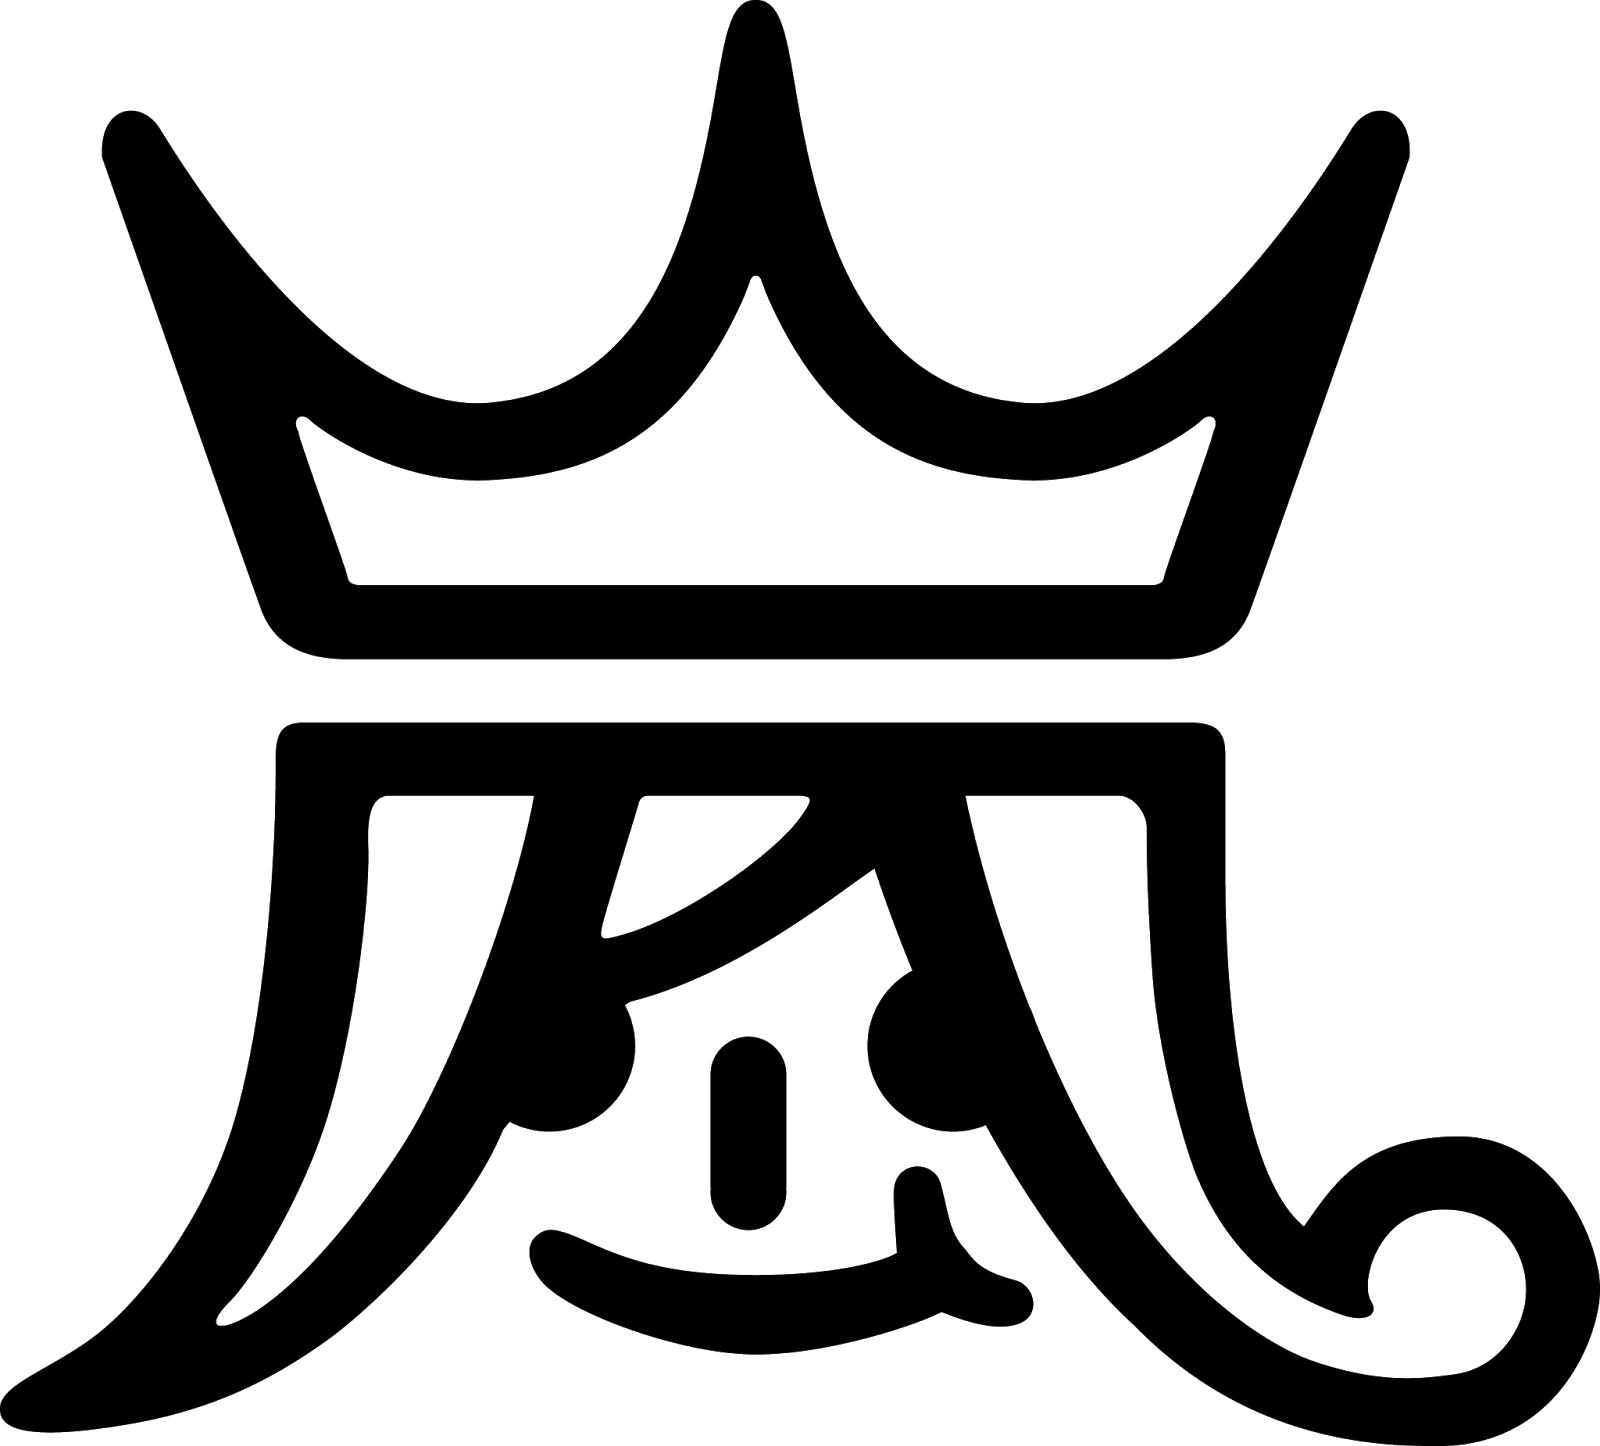 嵐  DVD/Blu-ray「ARASHI アラフェス'13 NATIONAL STADIUM 2013 」ジャケット写真公開 & 過去の嵐フェスジャケットも紹介☆